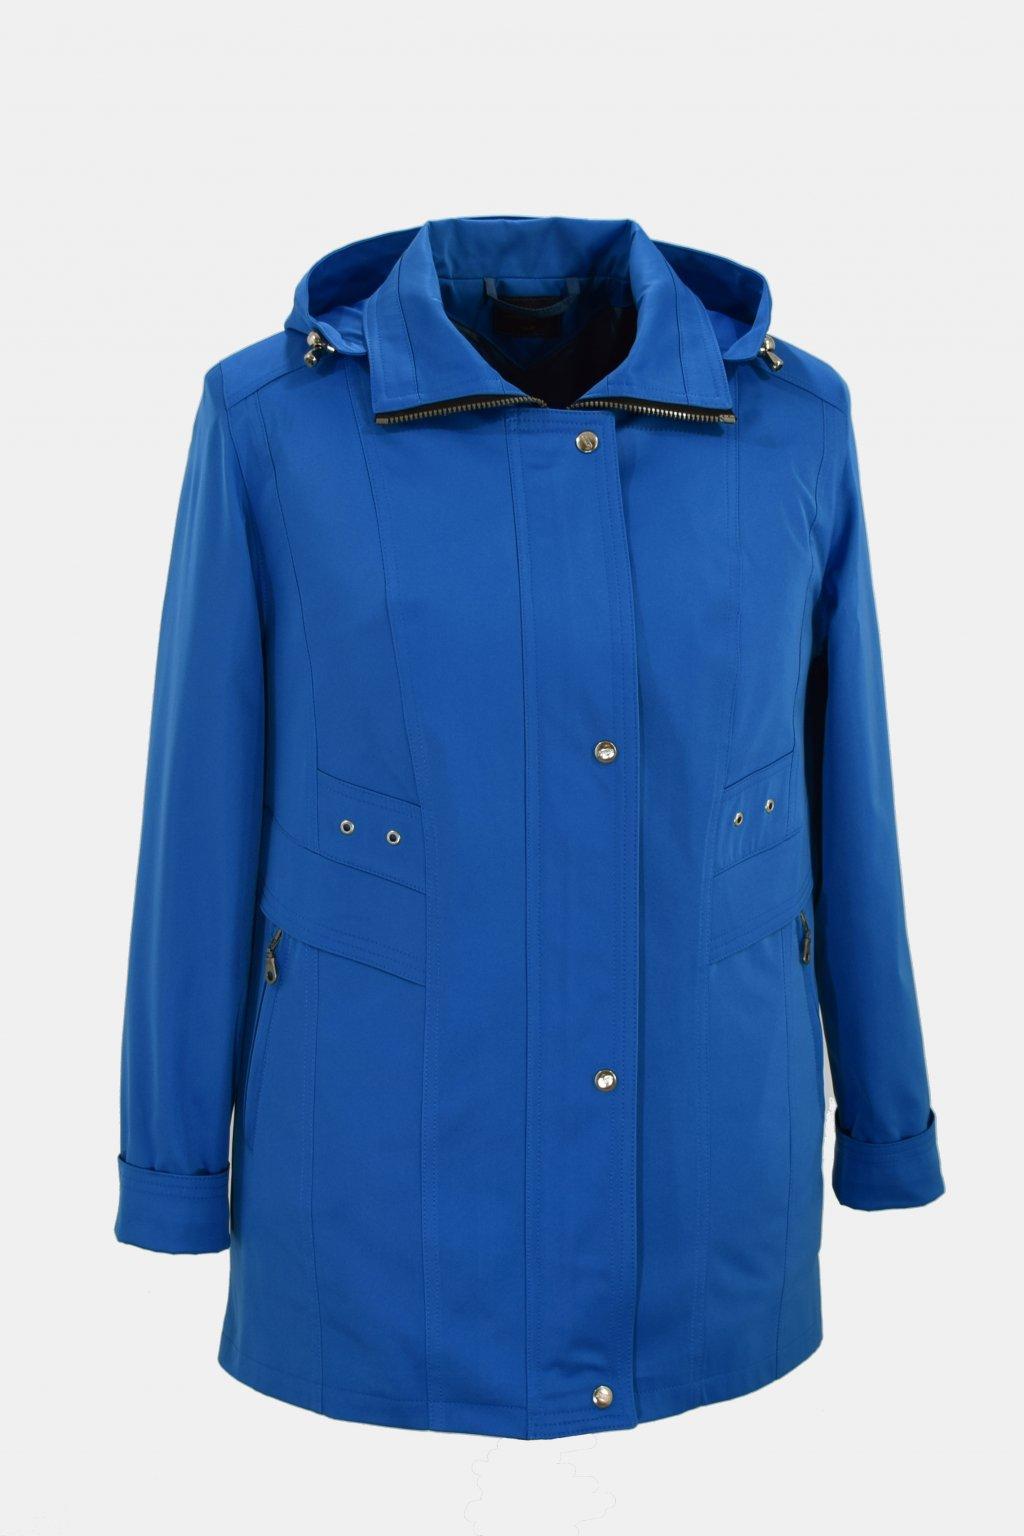 Dámská modrá jarní bunda Helena nadměrné velikosti.